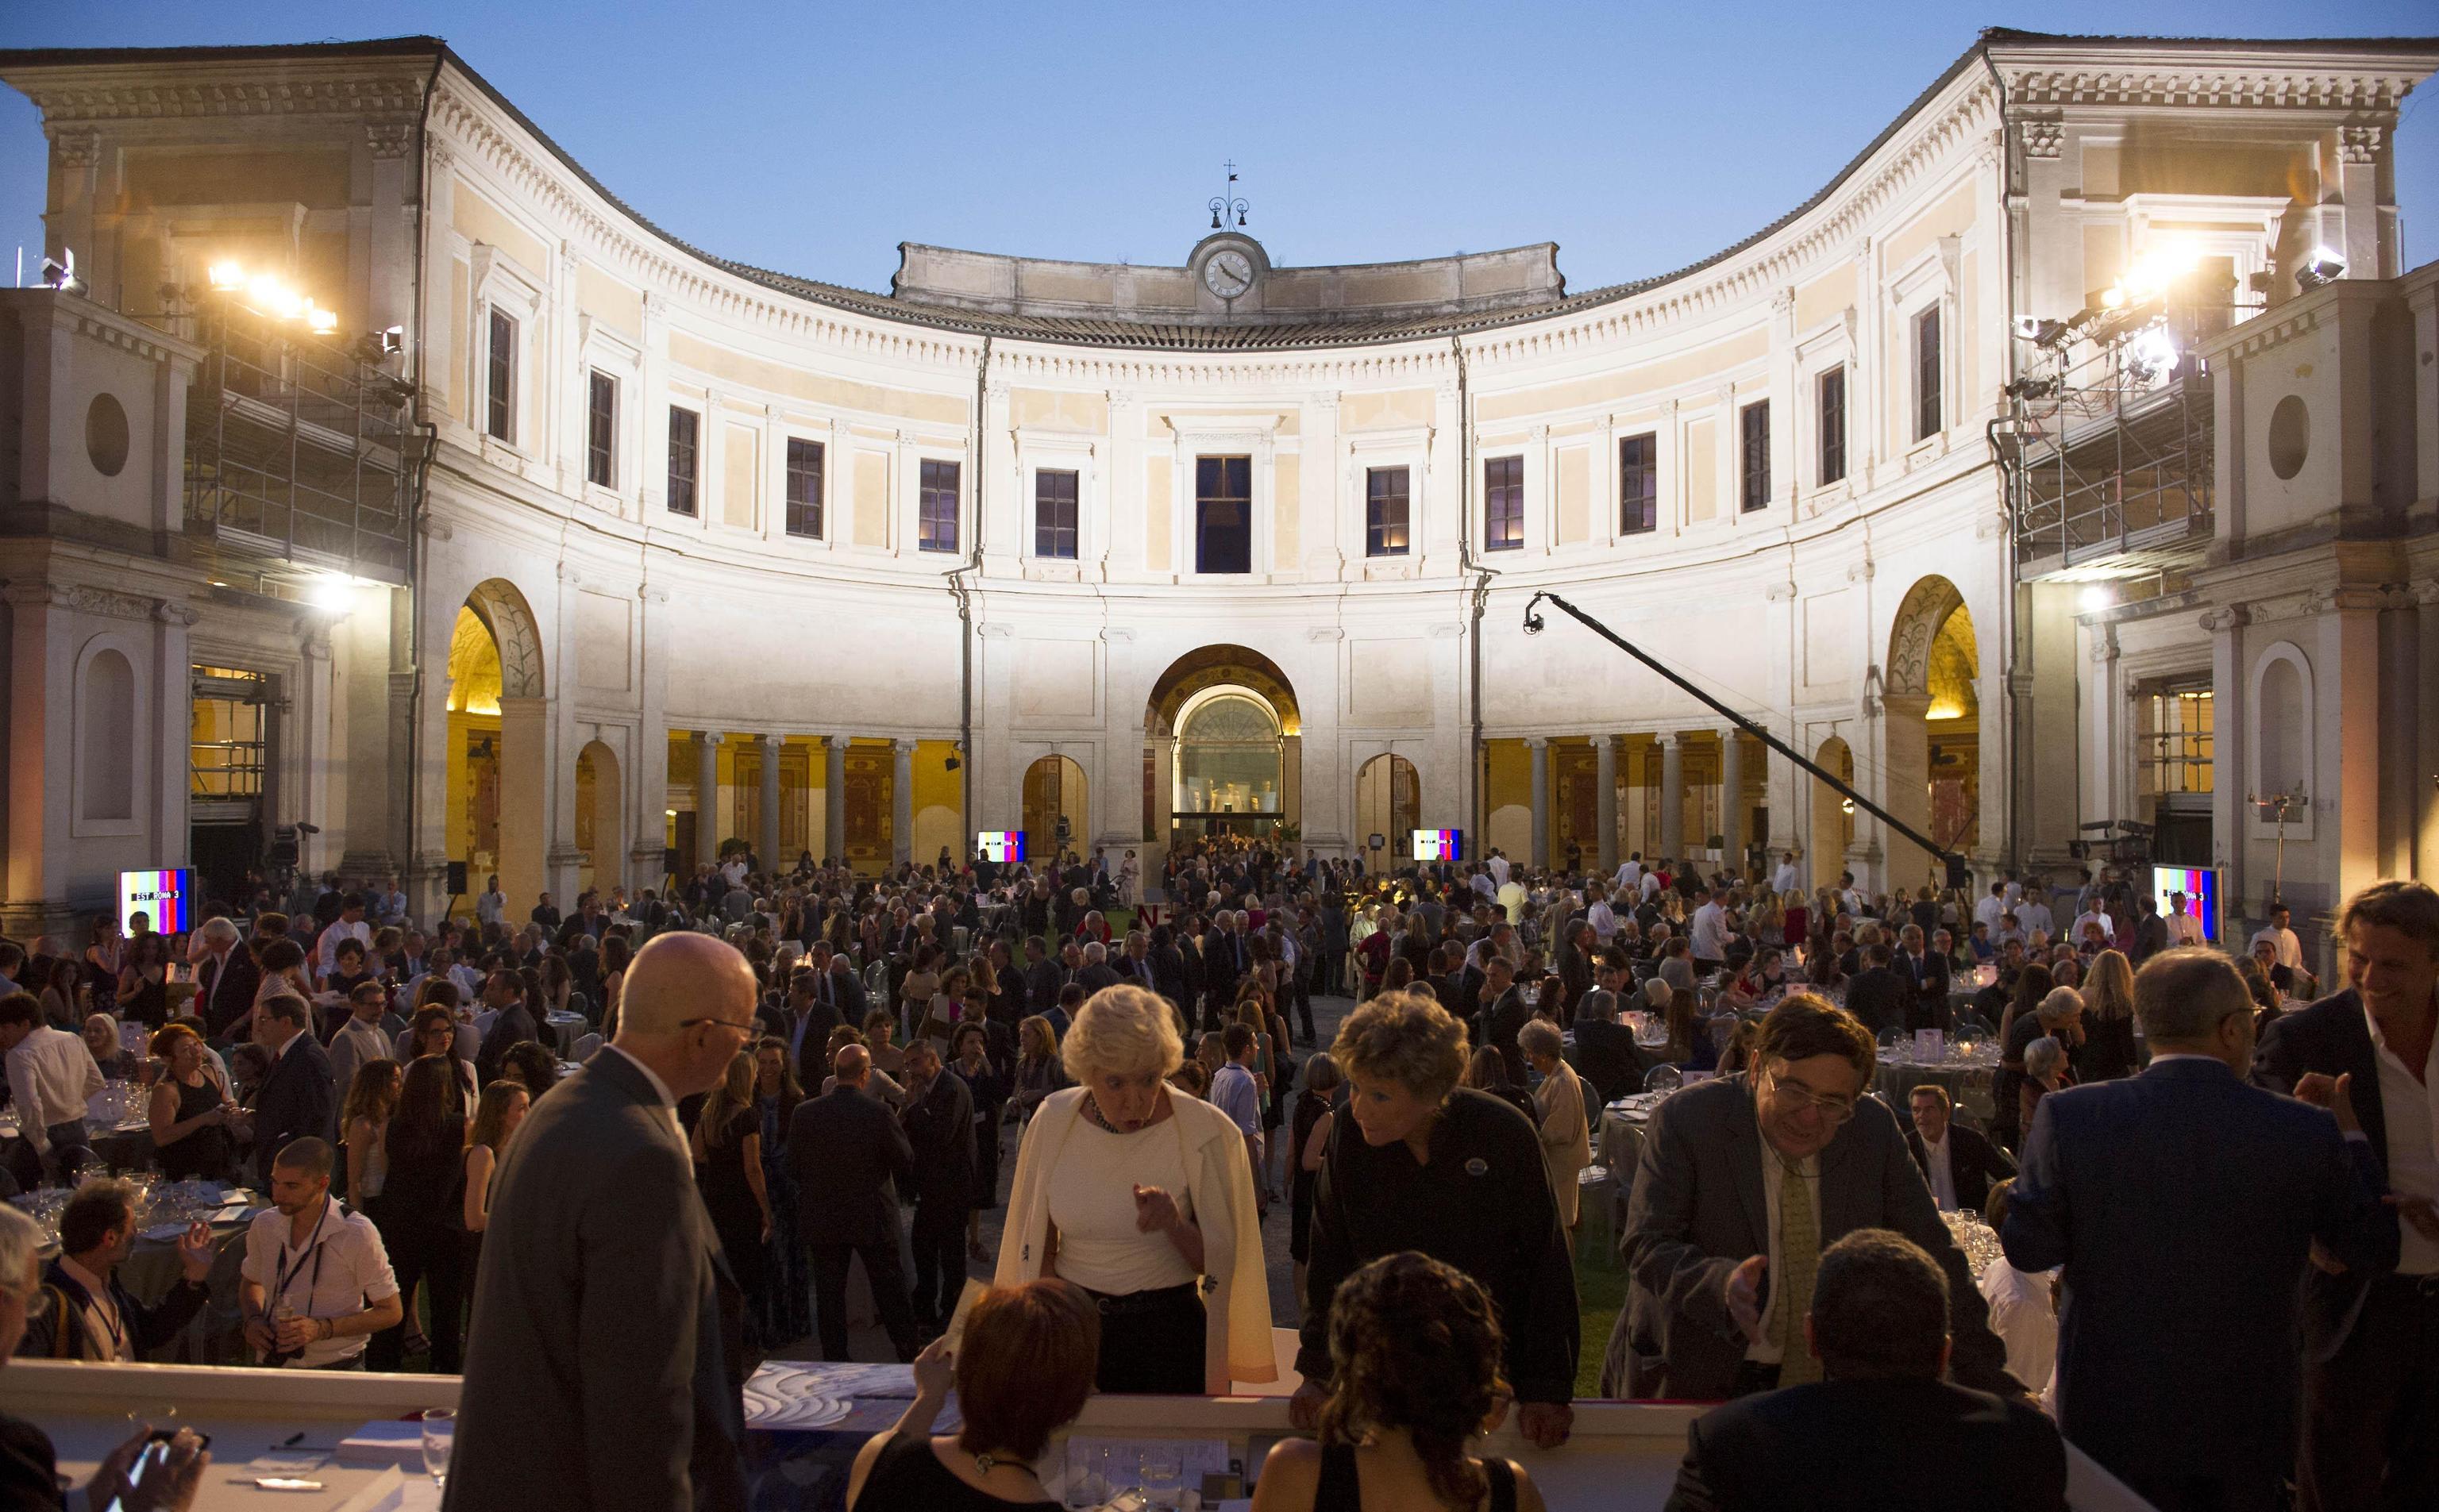 Festival letterari italiani: gli appuntamenti culturali di giugno